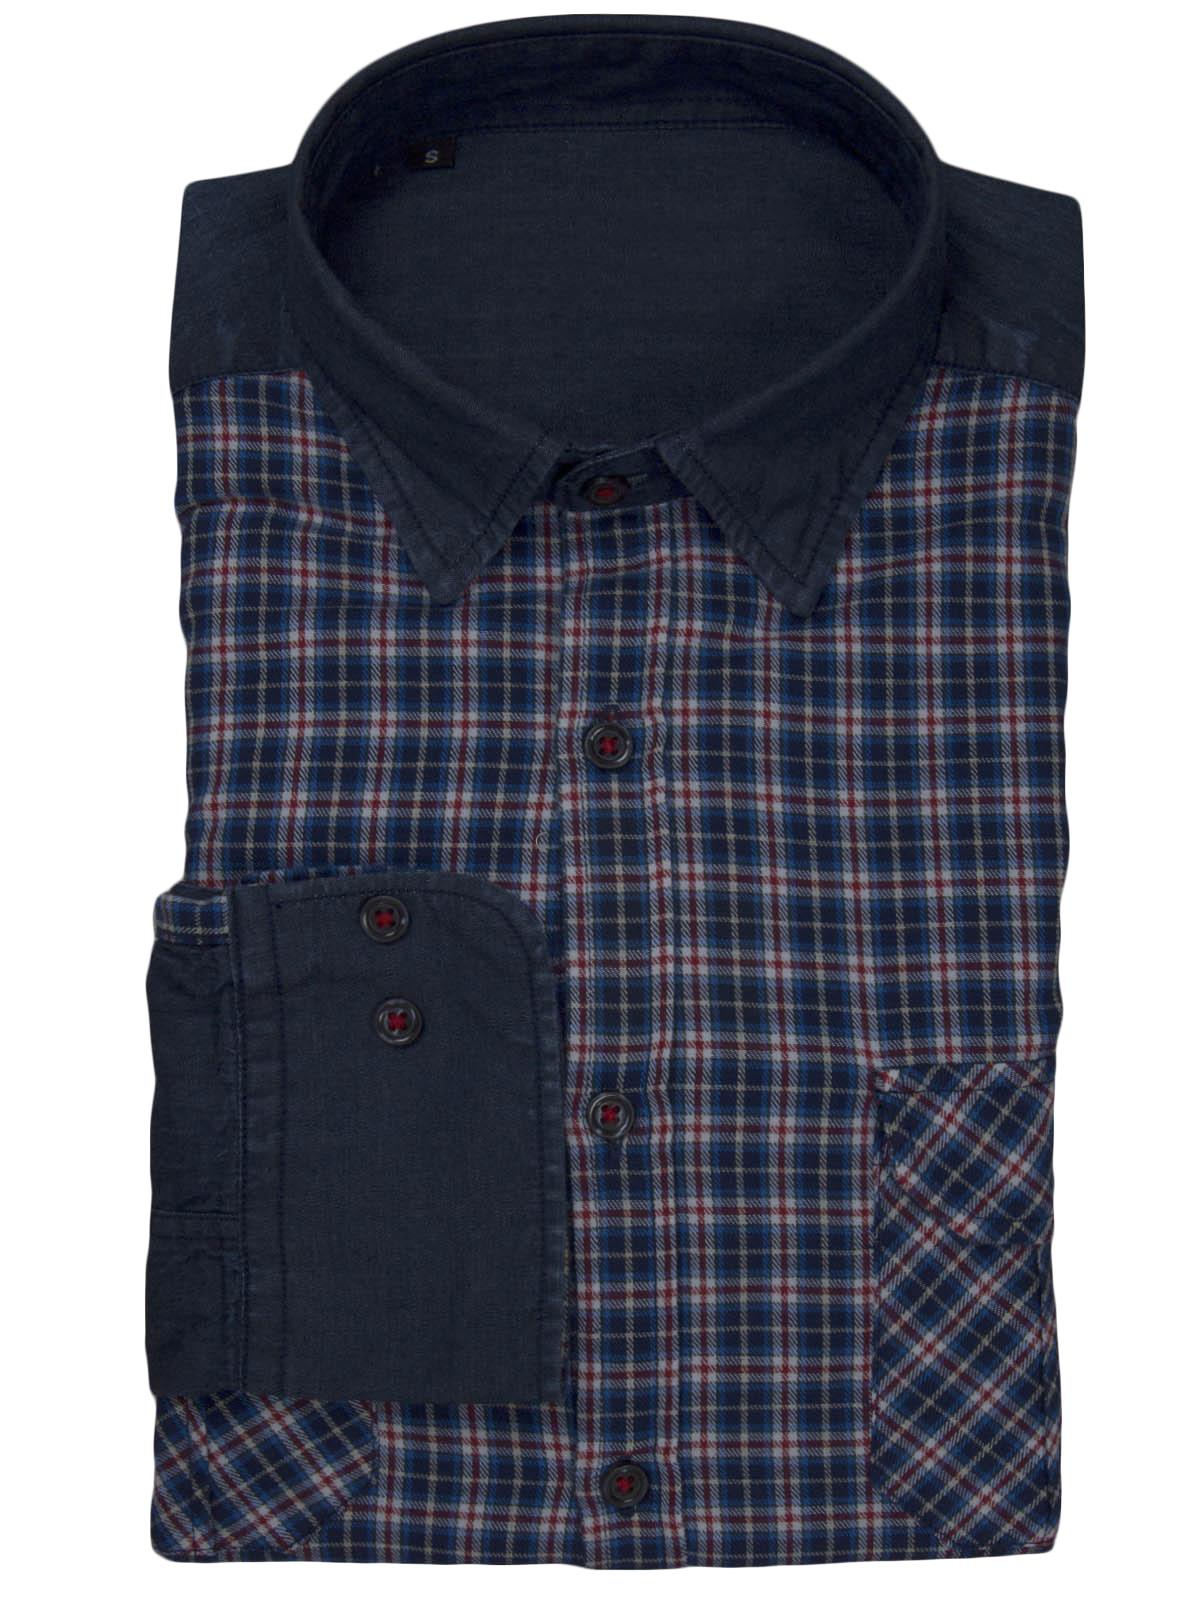 Πουκάμισο με Συνδυασμό Καρό και Τζιν ανδρικά   πουκάμισα